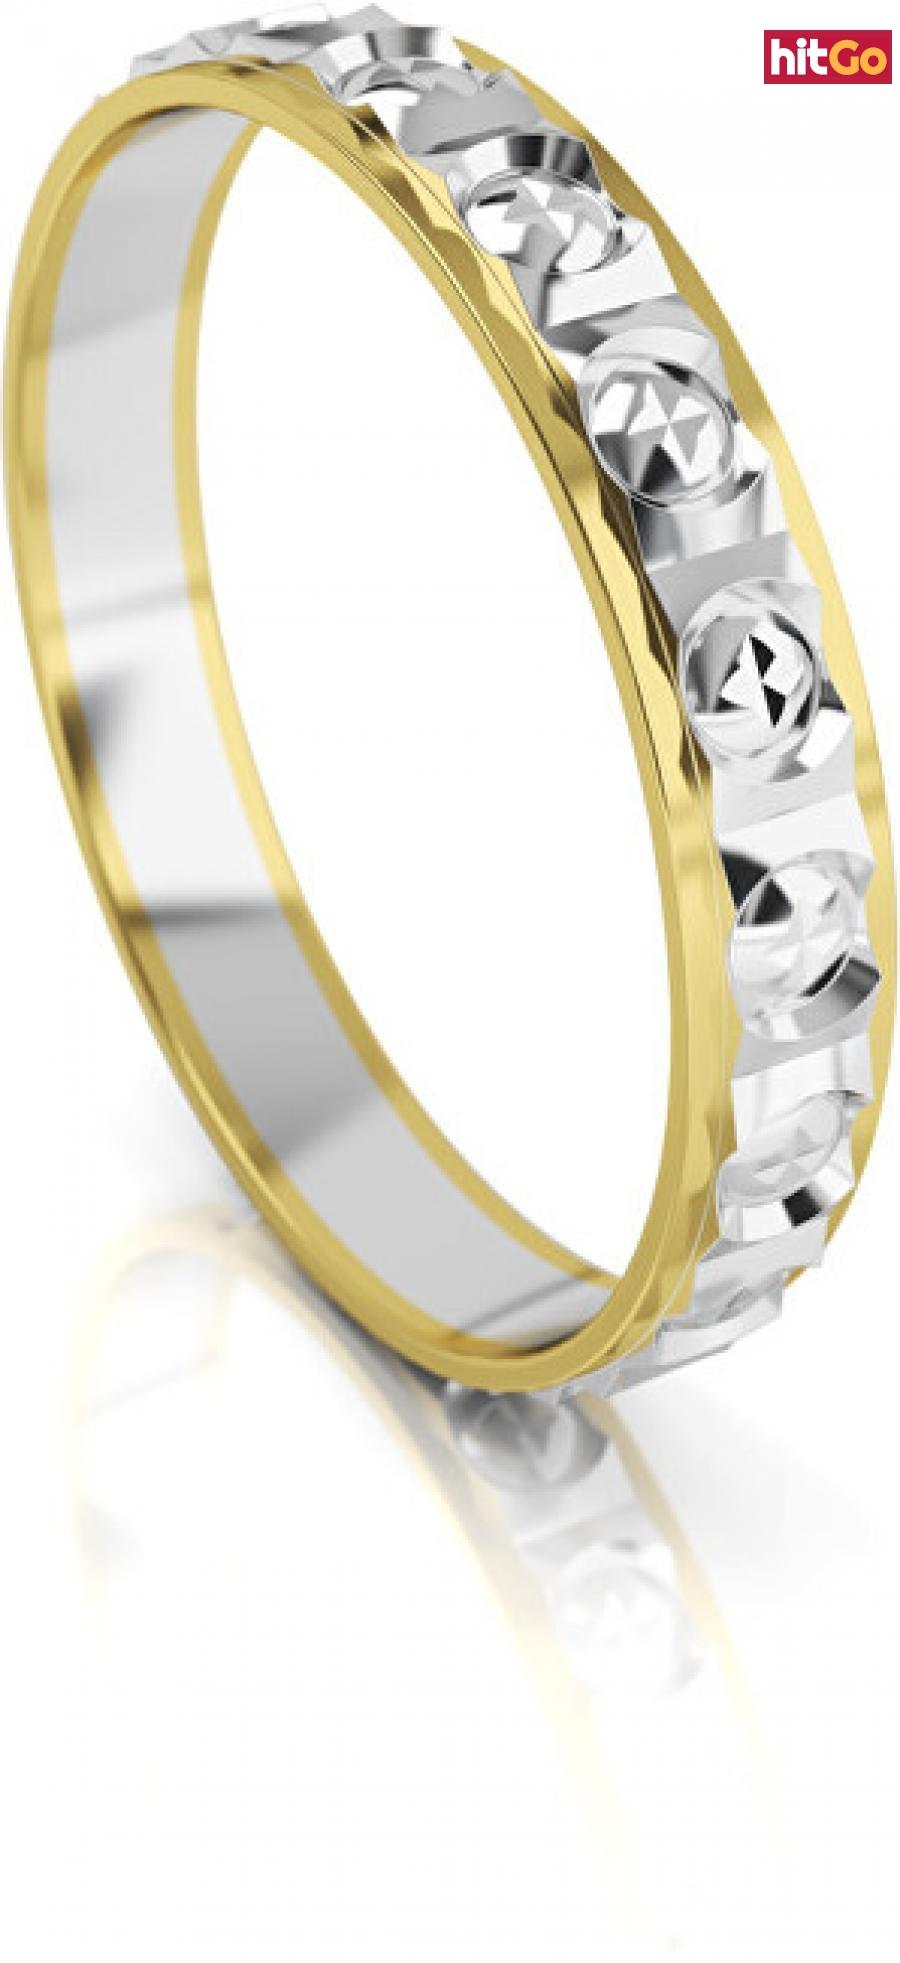 Art Diamond Pánský bicolor snubní prsten ze zlata AUG303 64 mm pánské